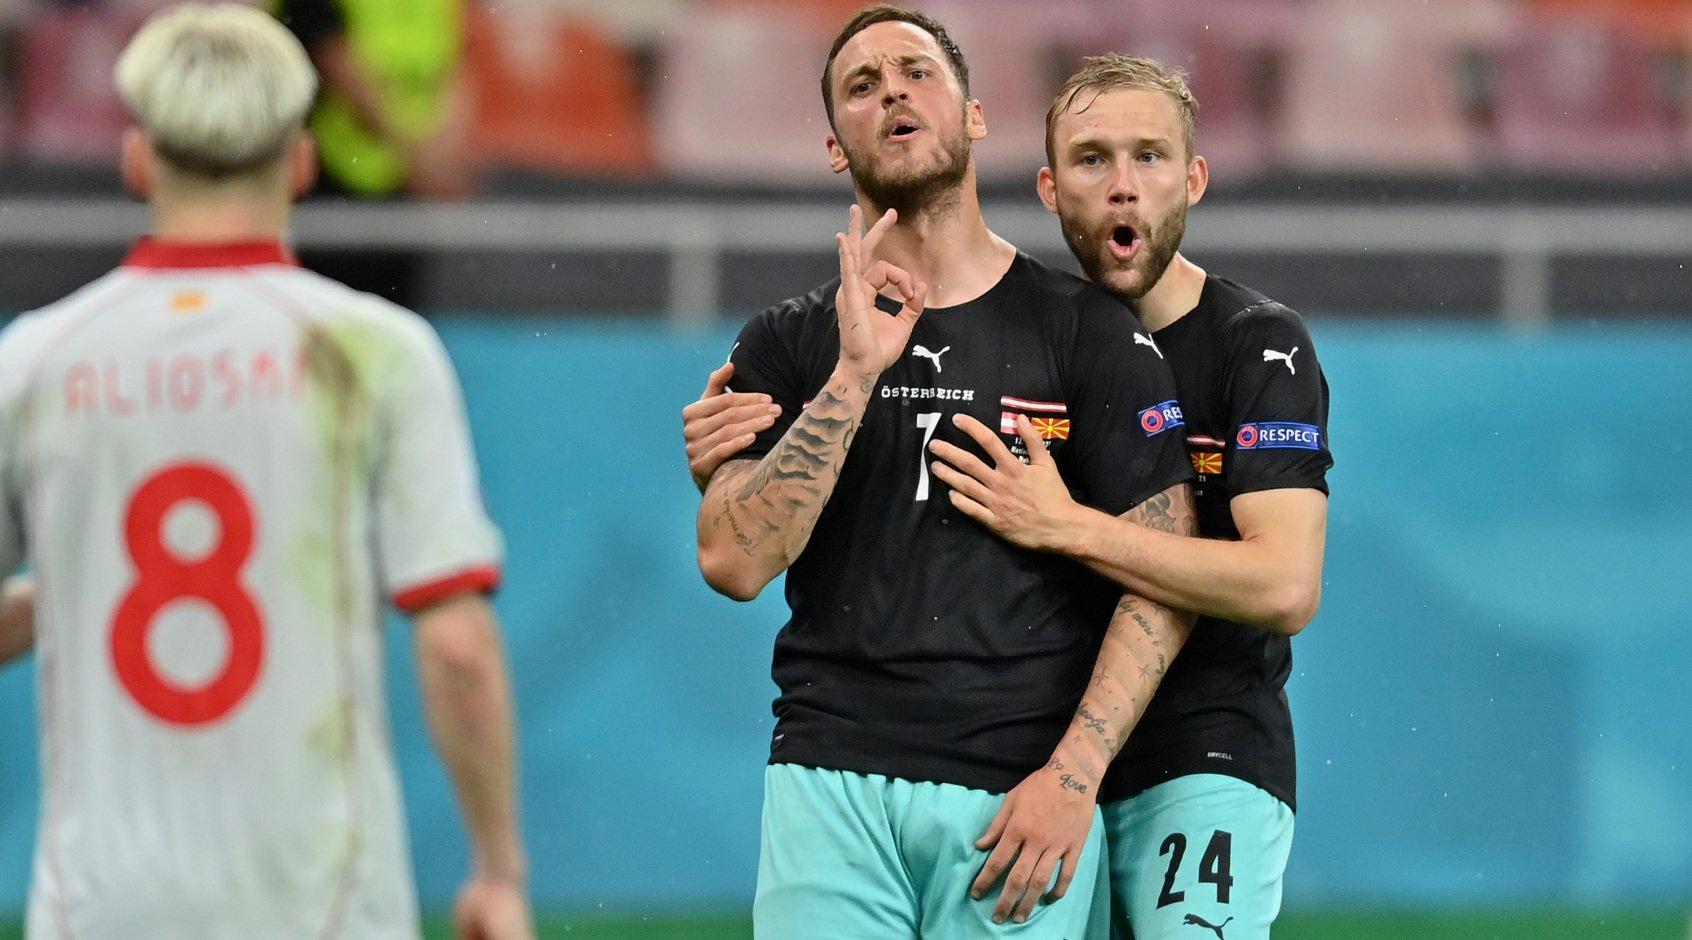 Арнаутович дисквалифицирован за оскорбление албанского игрока